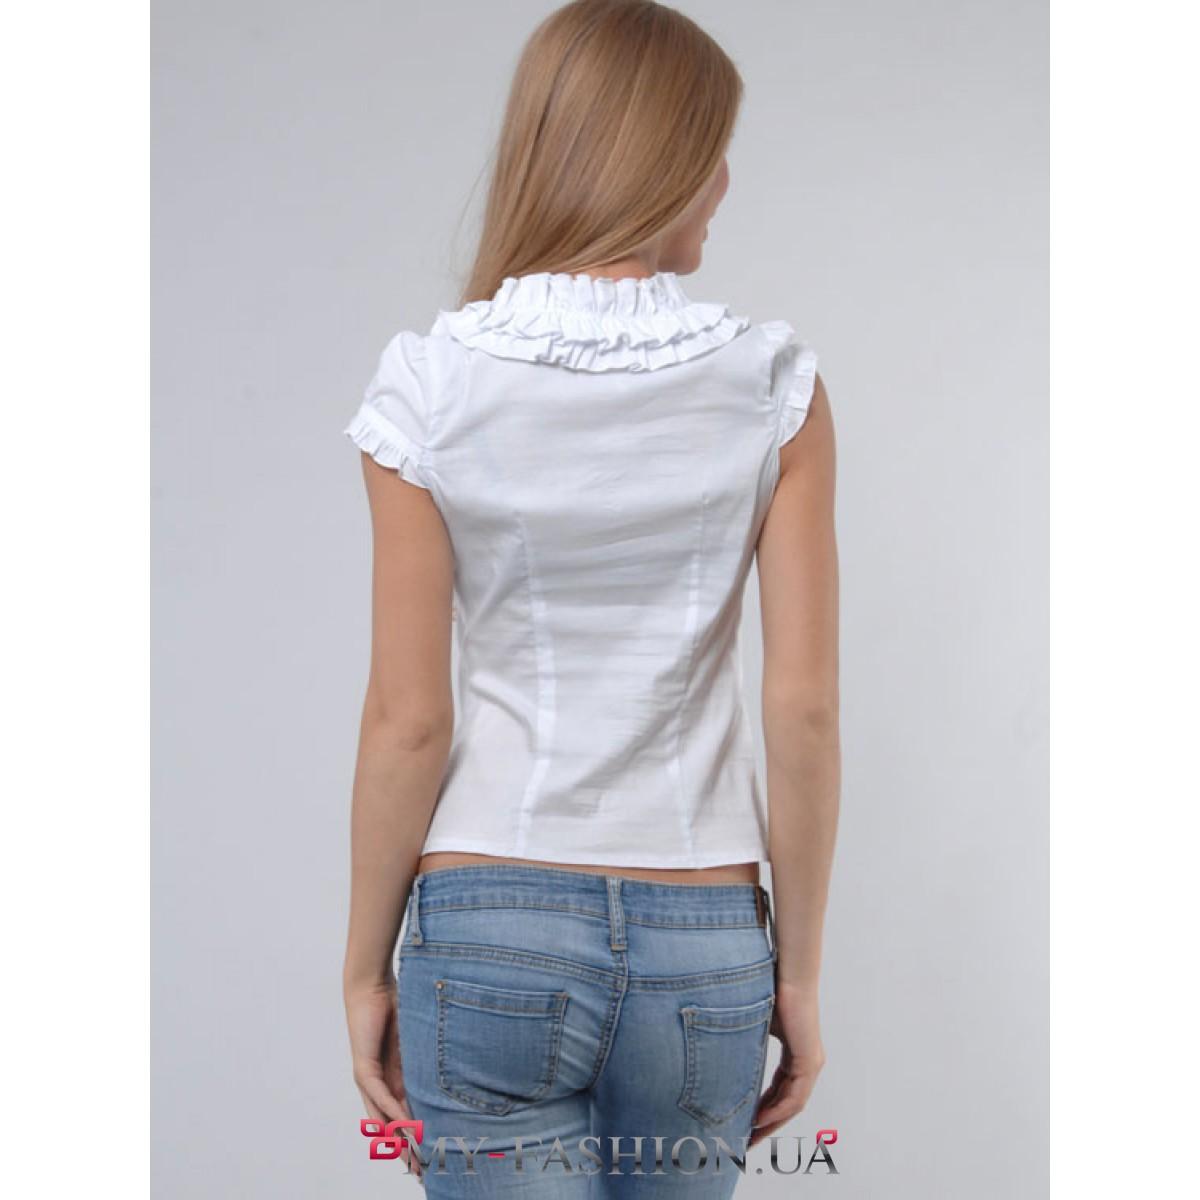 Красивая белая блузка купить